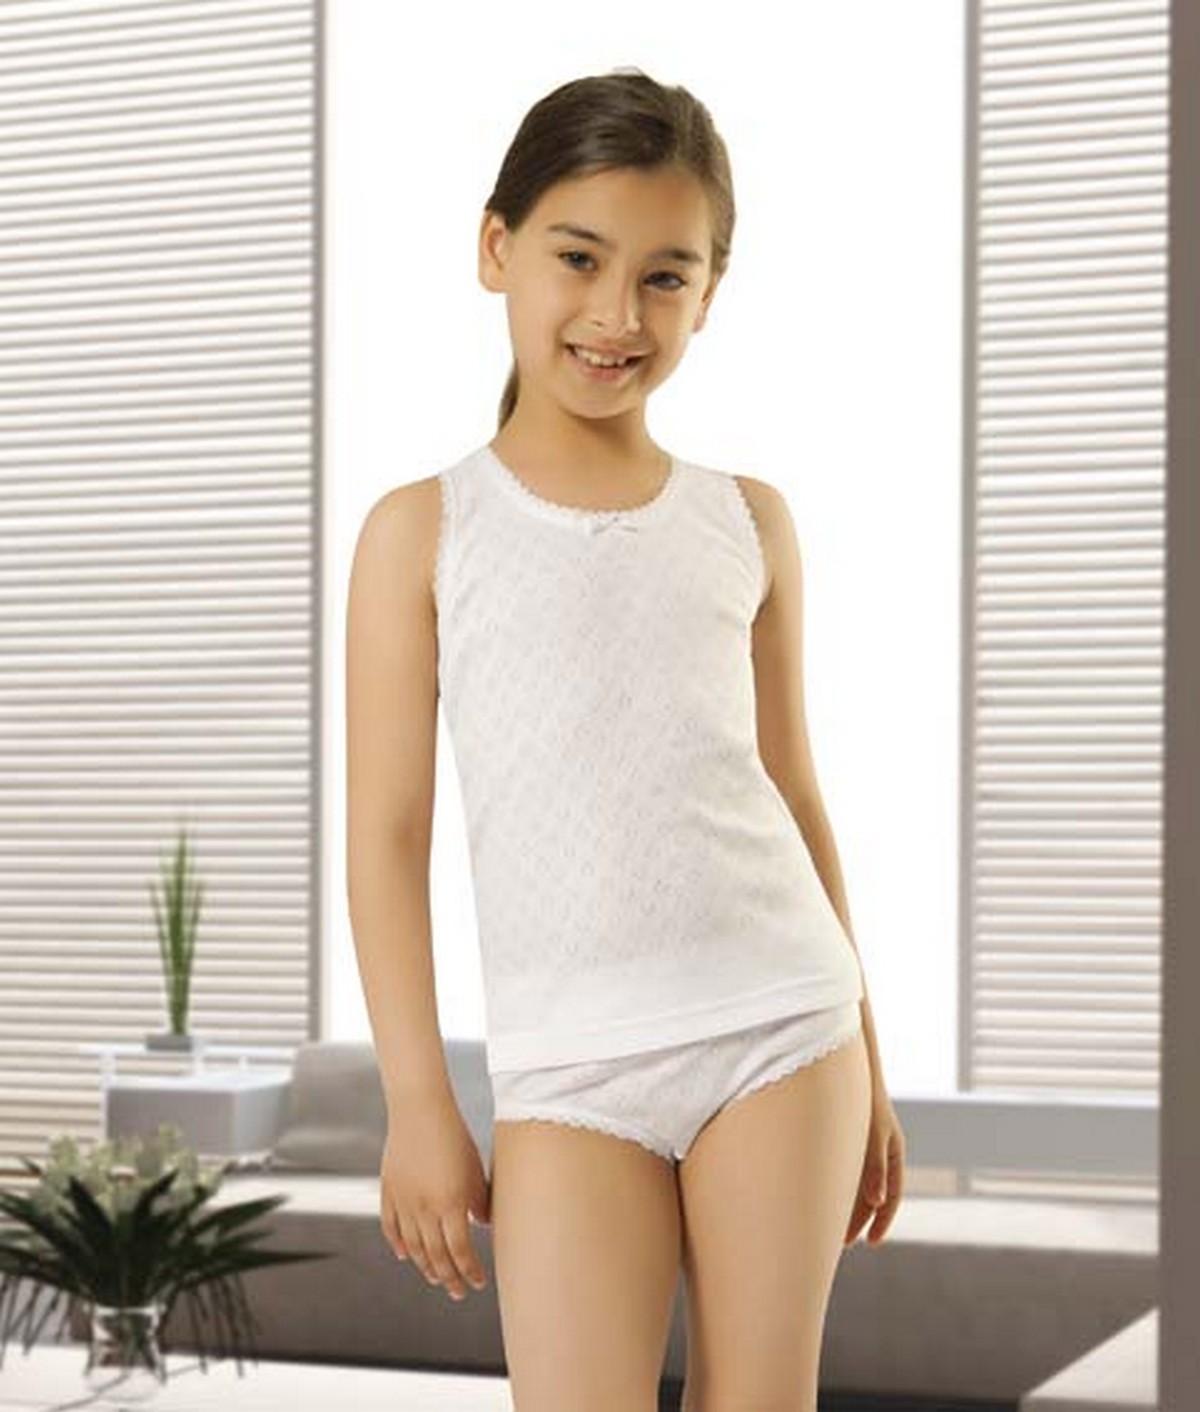 Фото девочек 12 лет в домашних условиях в нижнем